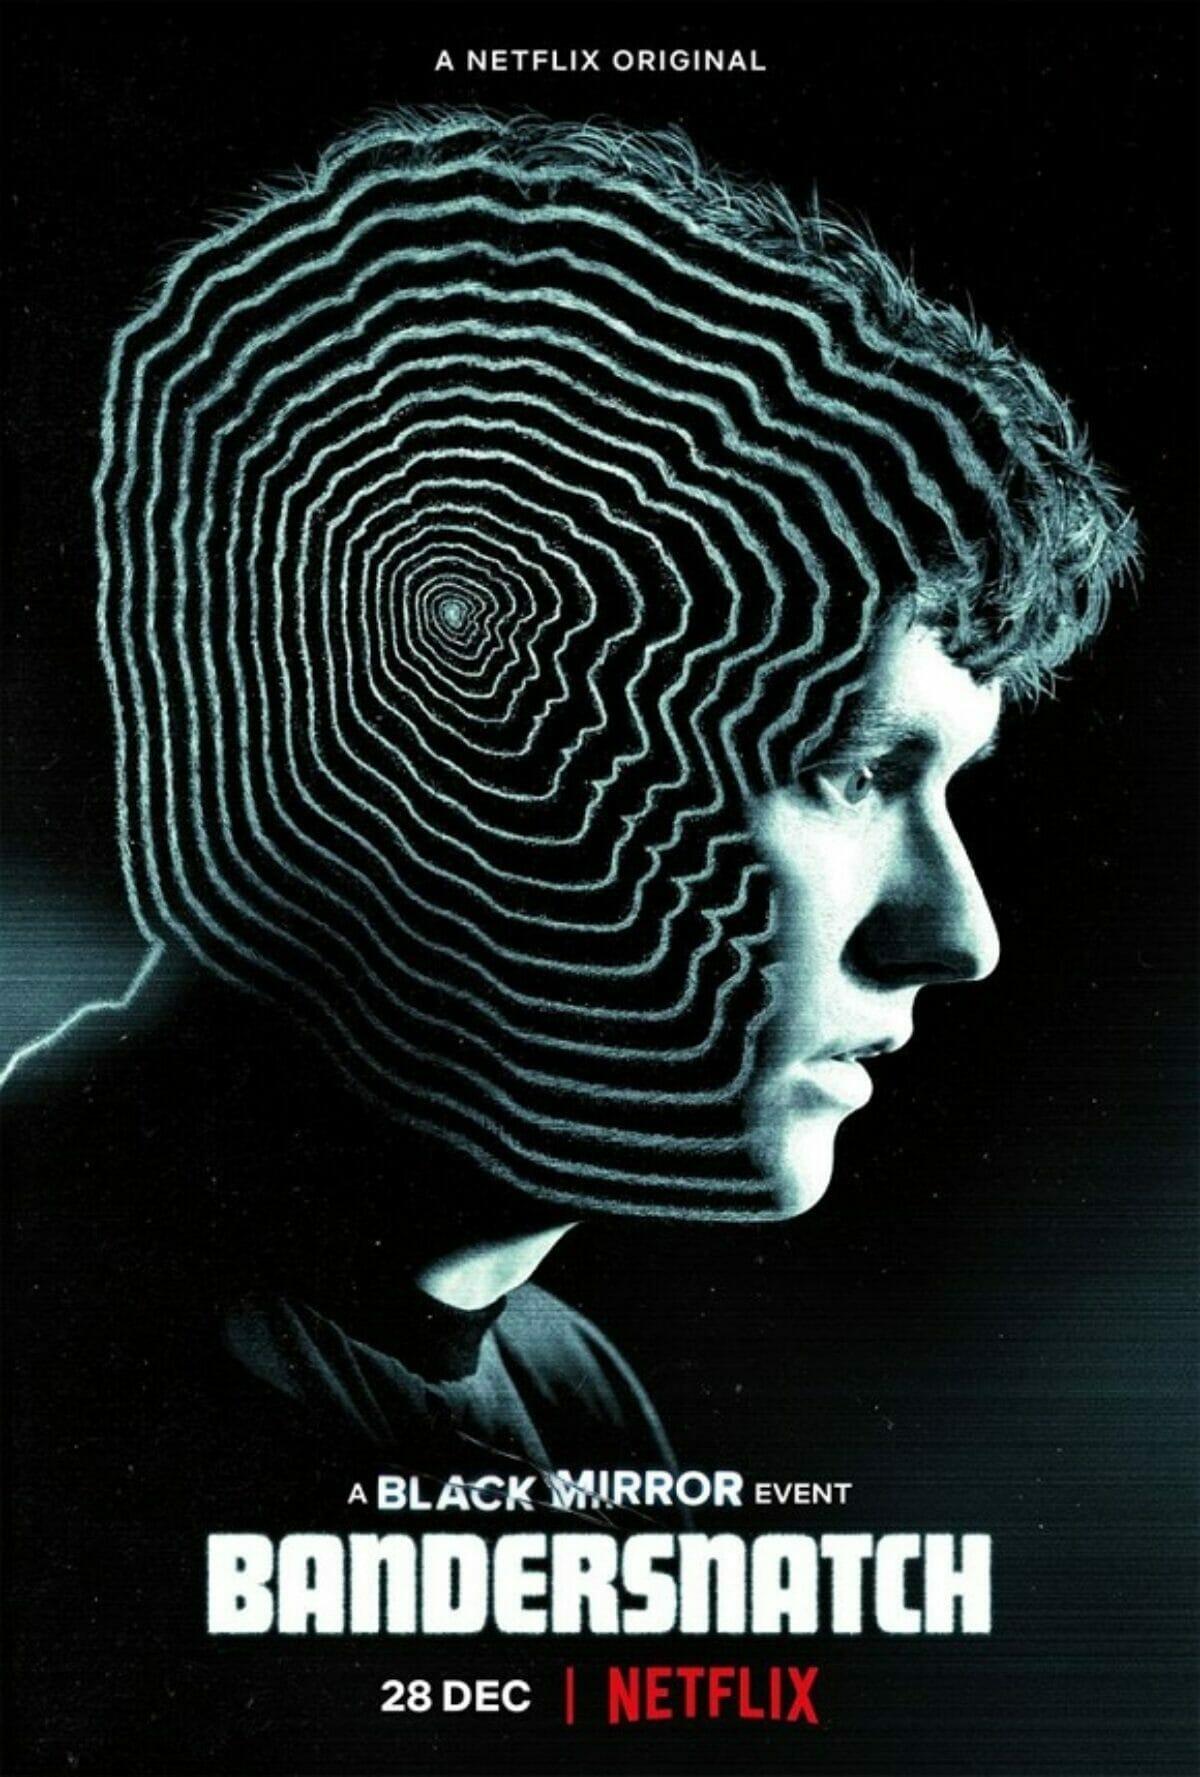 Black-Mirror-Bandersnatch-poster